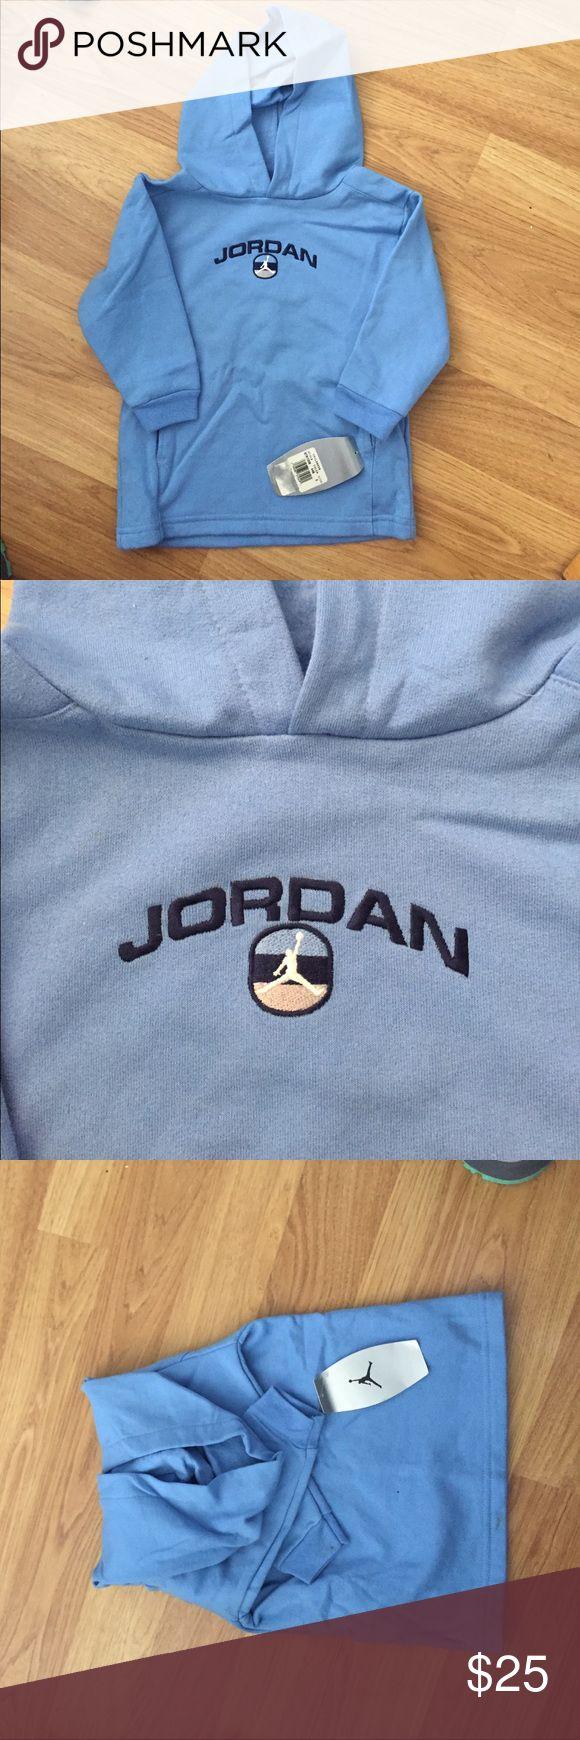 Jordan Hoodie New & less on mer Jordan Shirts & Tops Sweatshirts & Hoodies